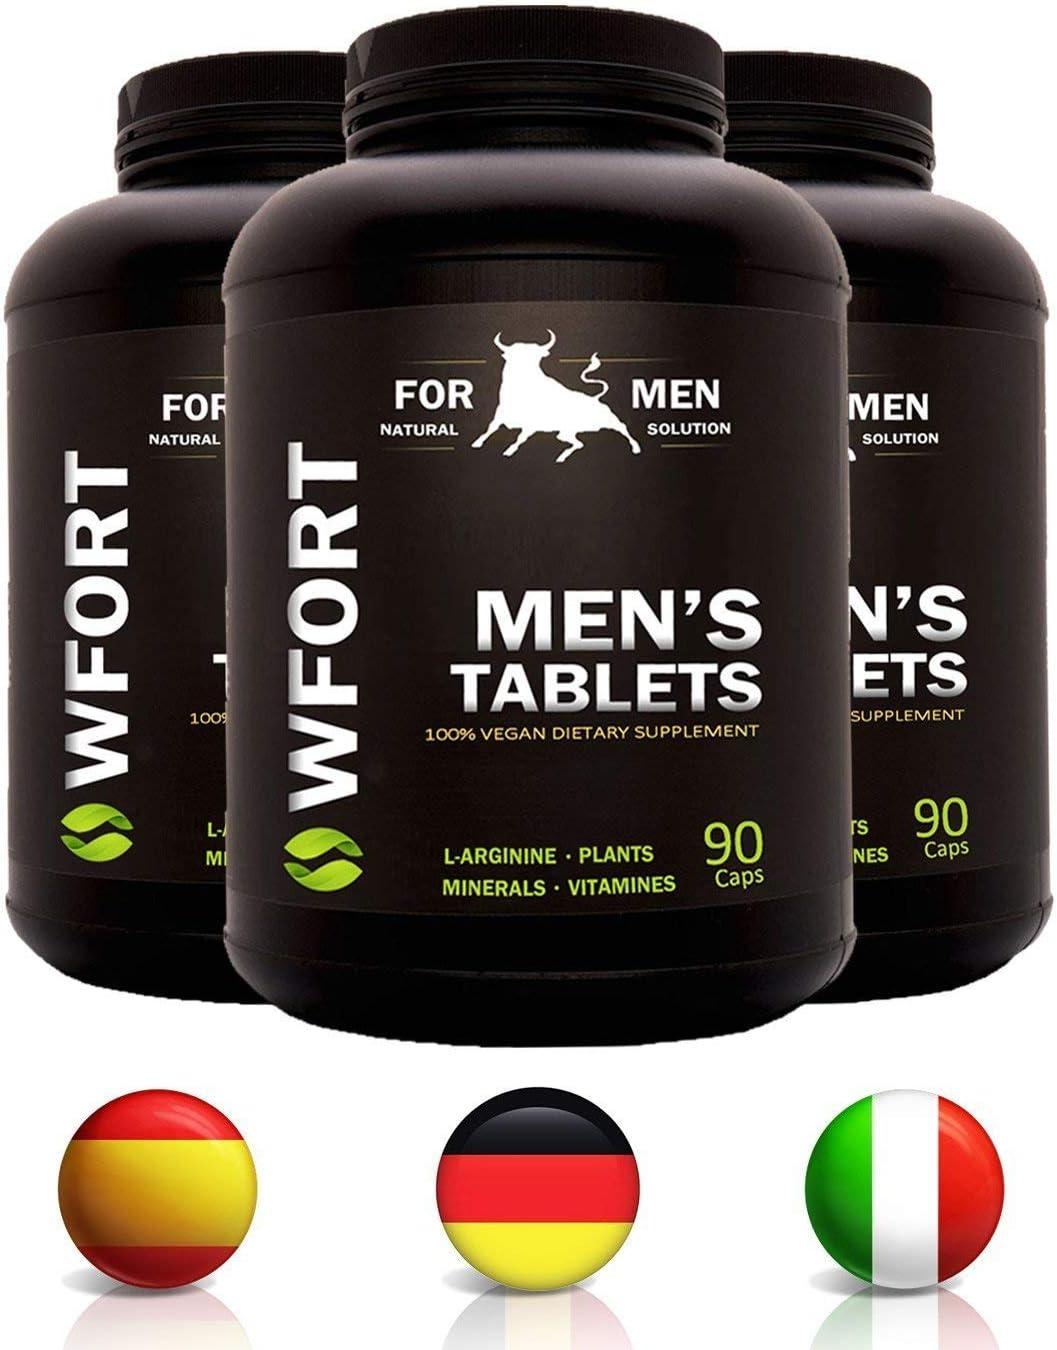 WFORT 90 PASTILLAS Hombre | Vasodilatador Estimulante Potente | Efecto Prolongado | Con L-Arginina, Maca, Ginseng, Tribulus, Guaranà, Goji, Zinco y Vitamina B